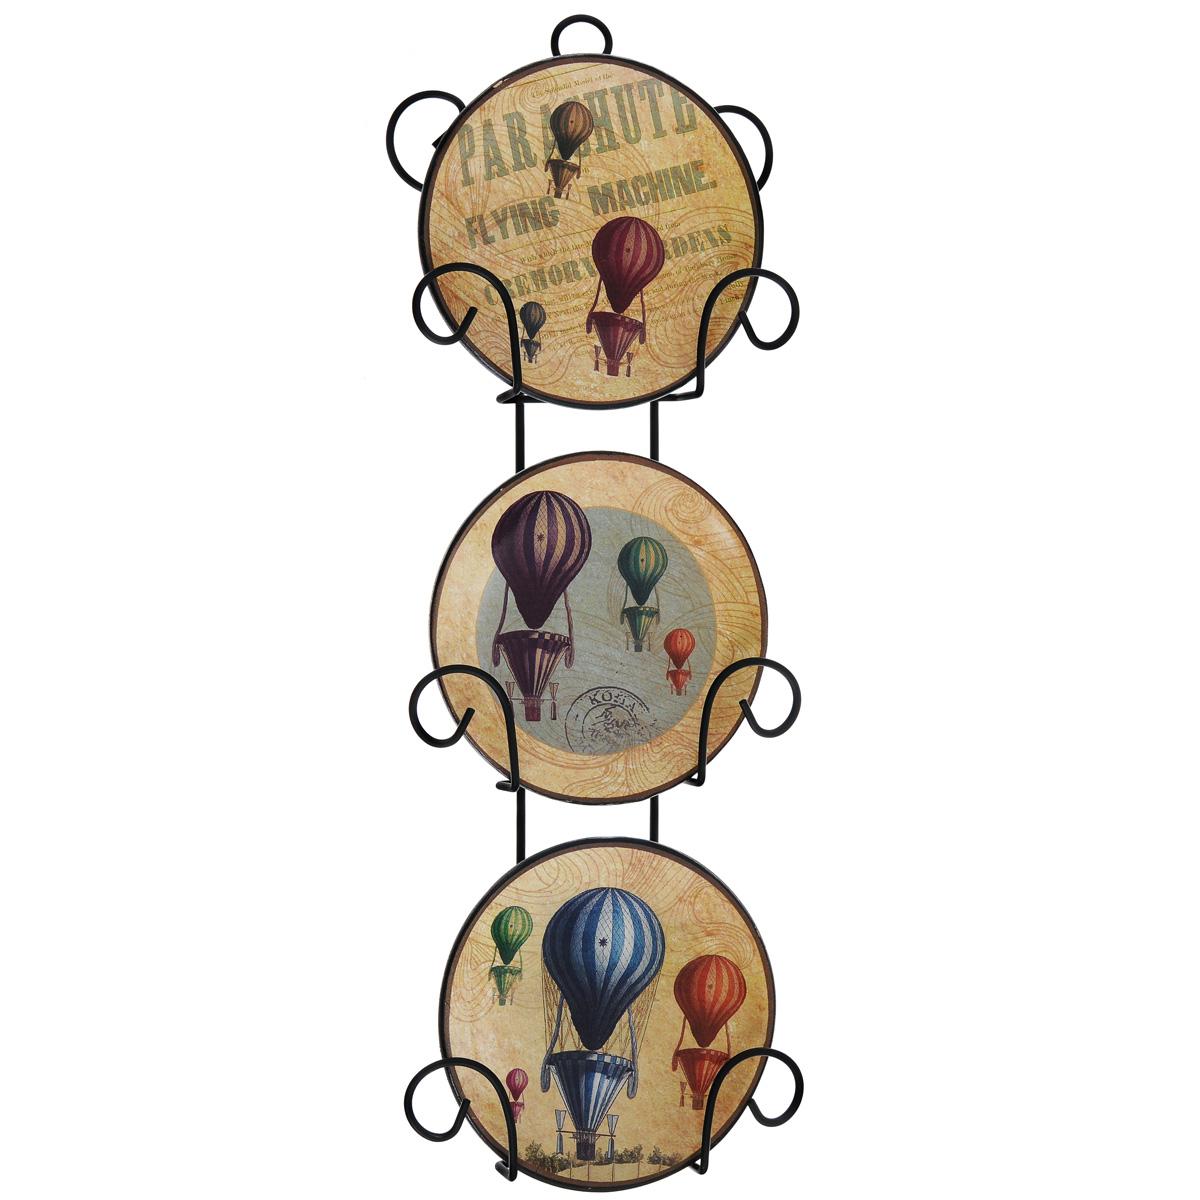 Набор декоративных тарелок Воздушные шары, диаметр 10 см, 3 шт54 009312Размер тарелки (без подставки): 10 см х 10 см х 1,5 см. Размер сувенира с подставкой: 2,5 см х 11,5 см х 33 см.